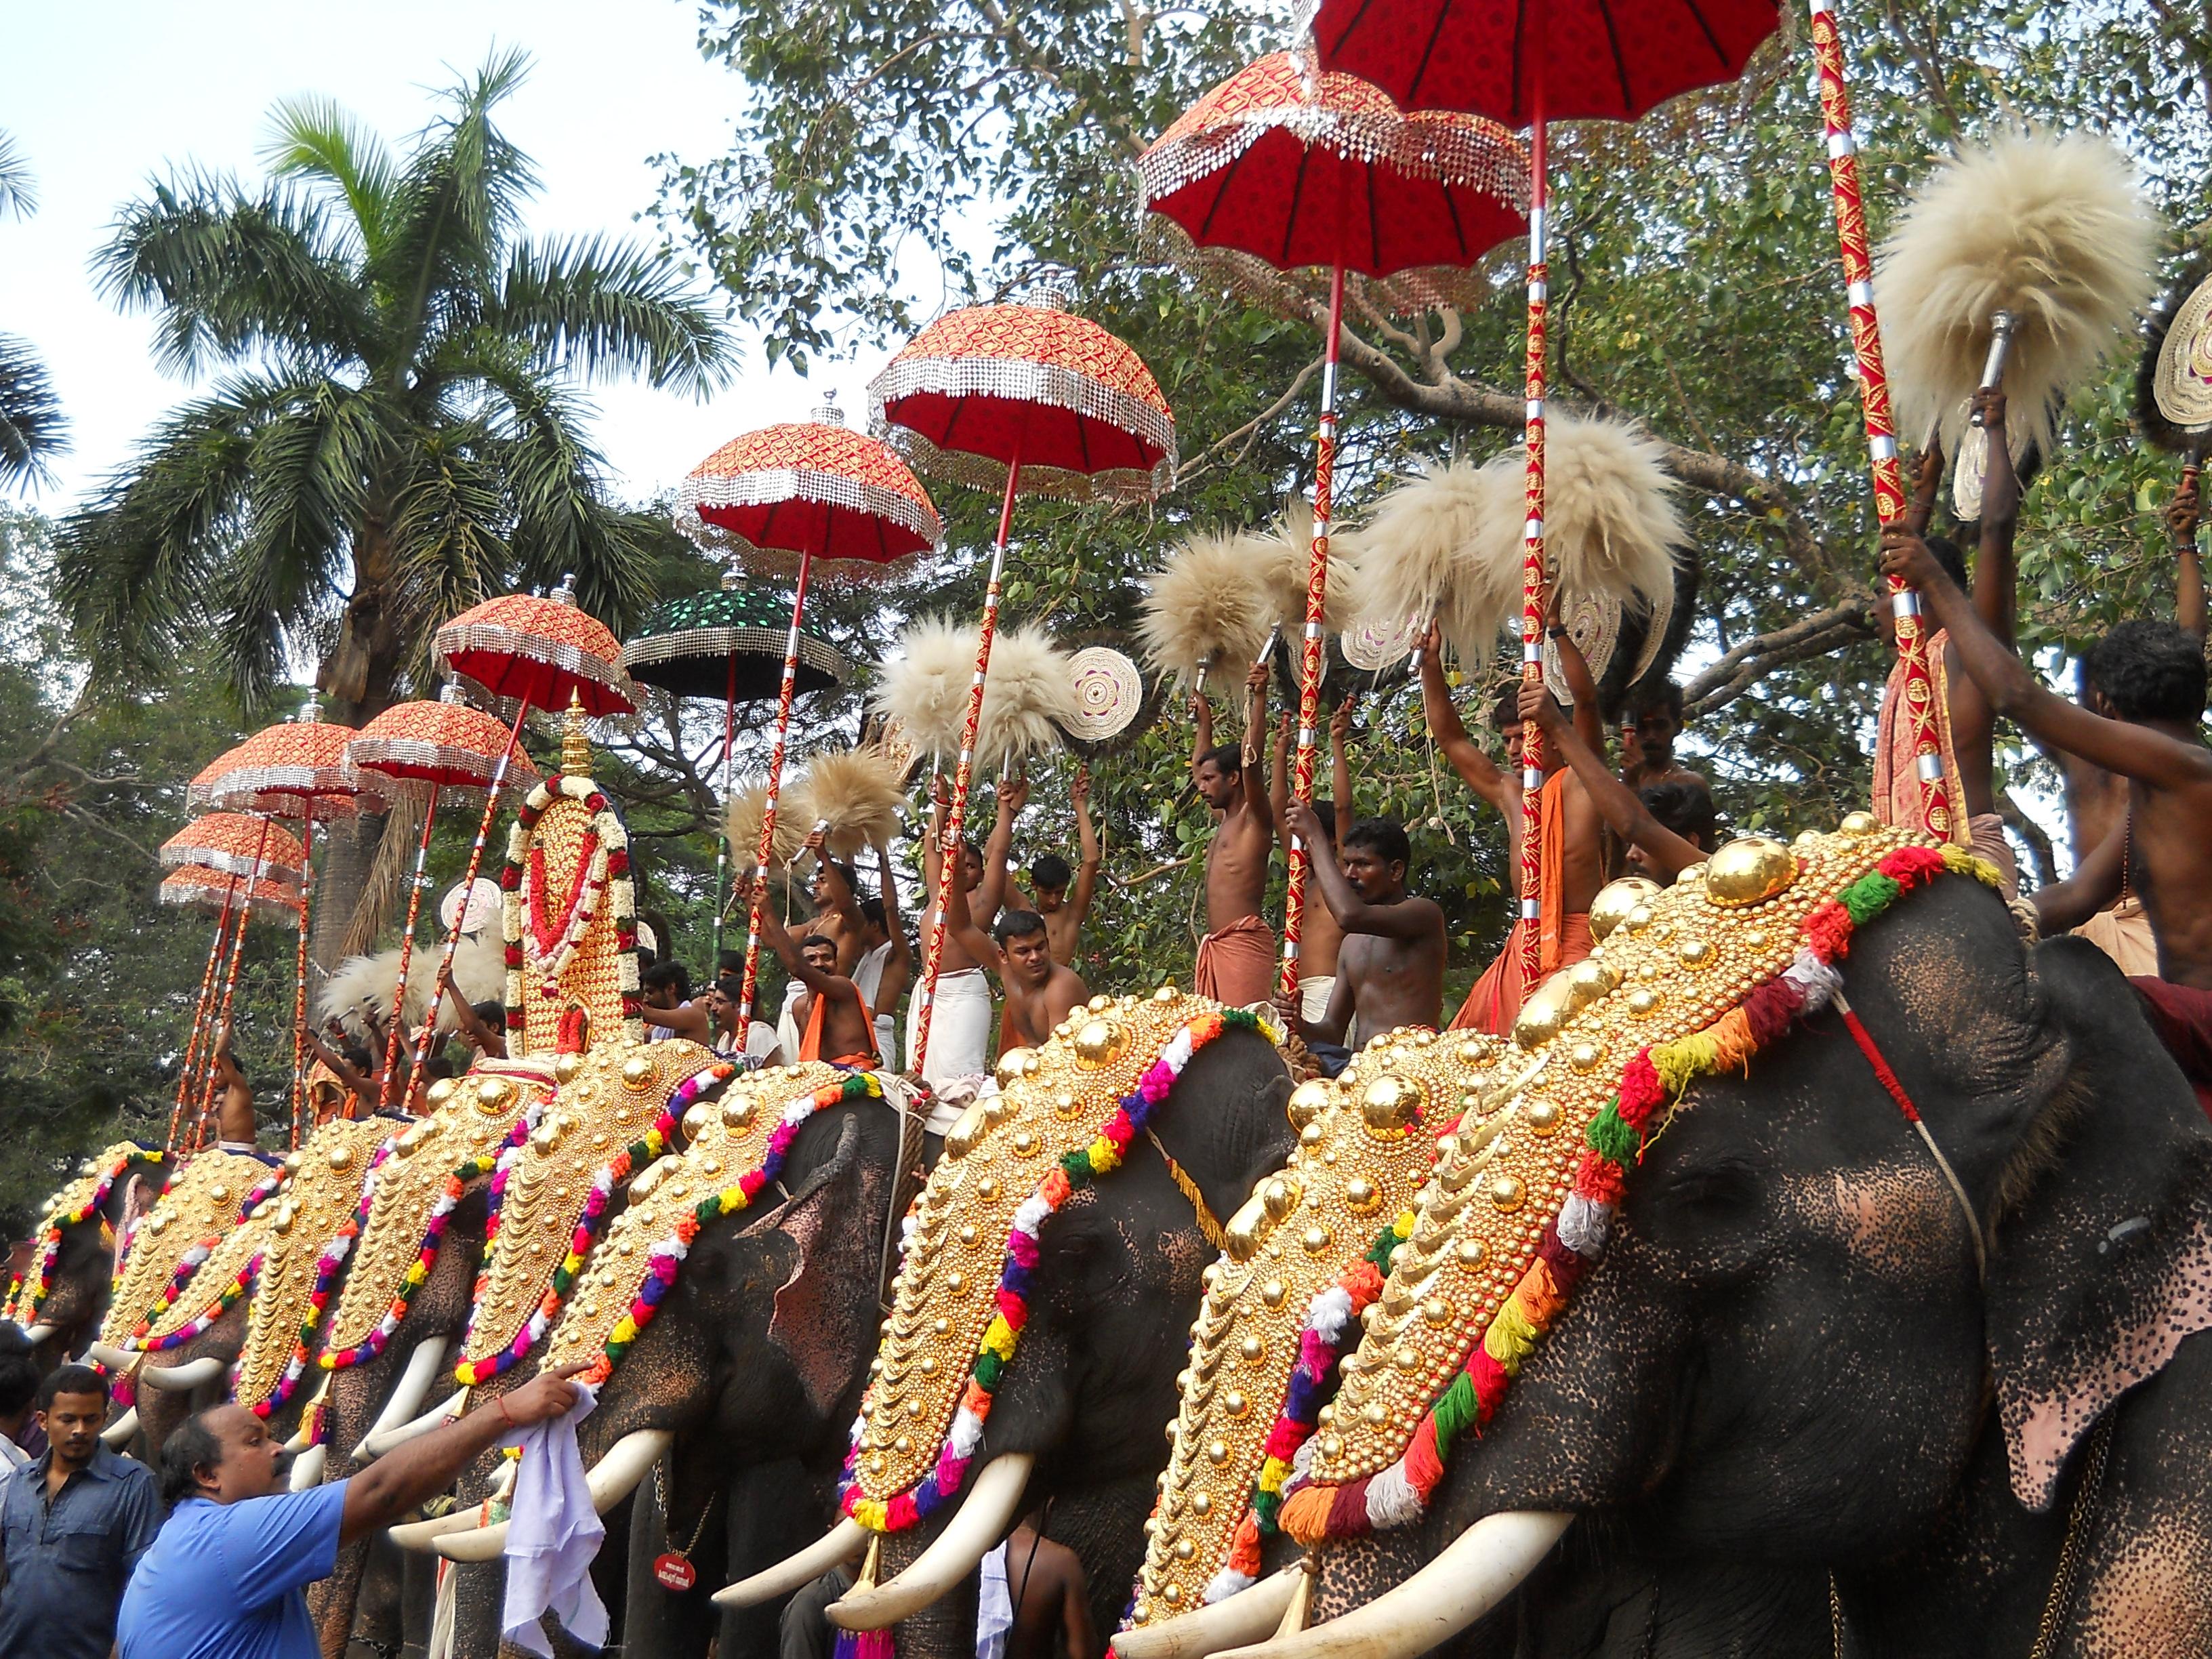 File:Thrissur Pooram 2011 DSCN3002.JPG - Wikimedia Commons